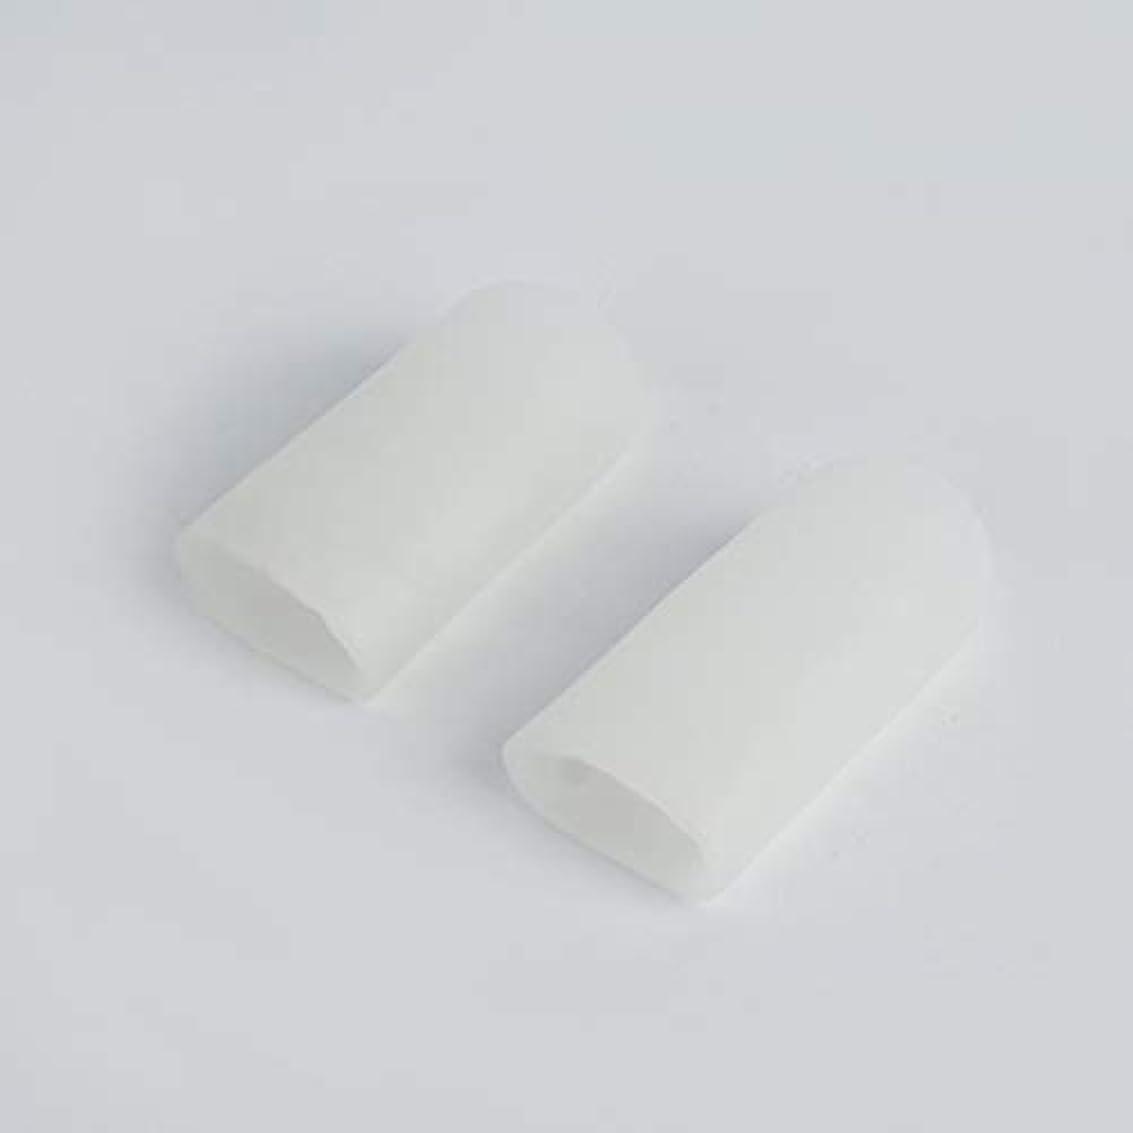 救い改善インターネットOpen Toe Tubes Gel Lined Fabric Sleeve Protectors To Prevent Corns, Calluses And Blisters While Softening And...